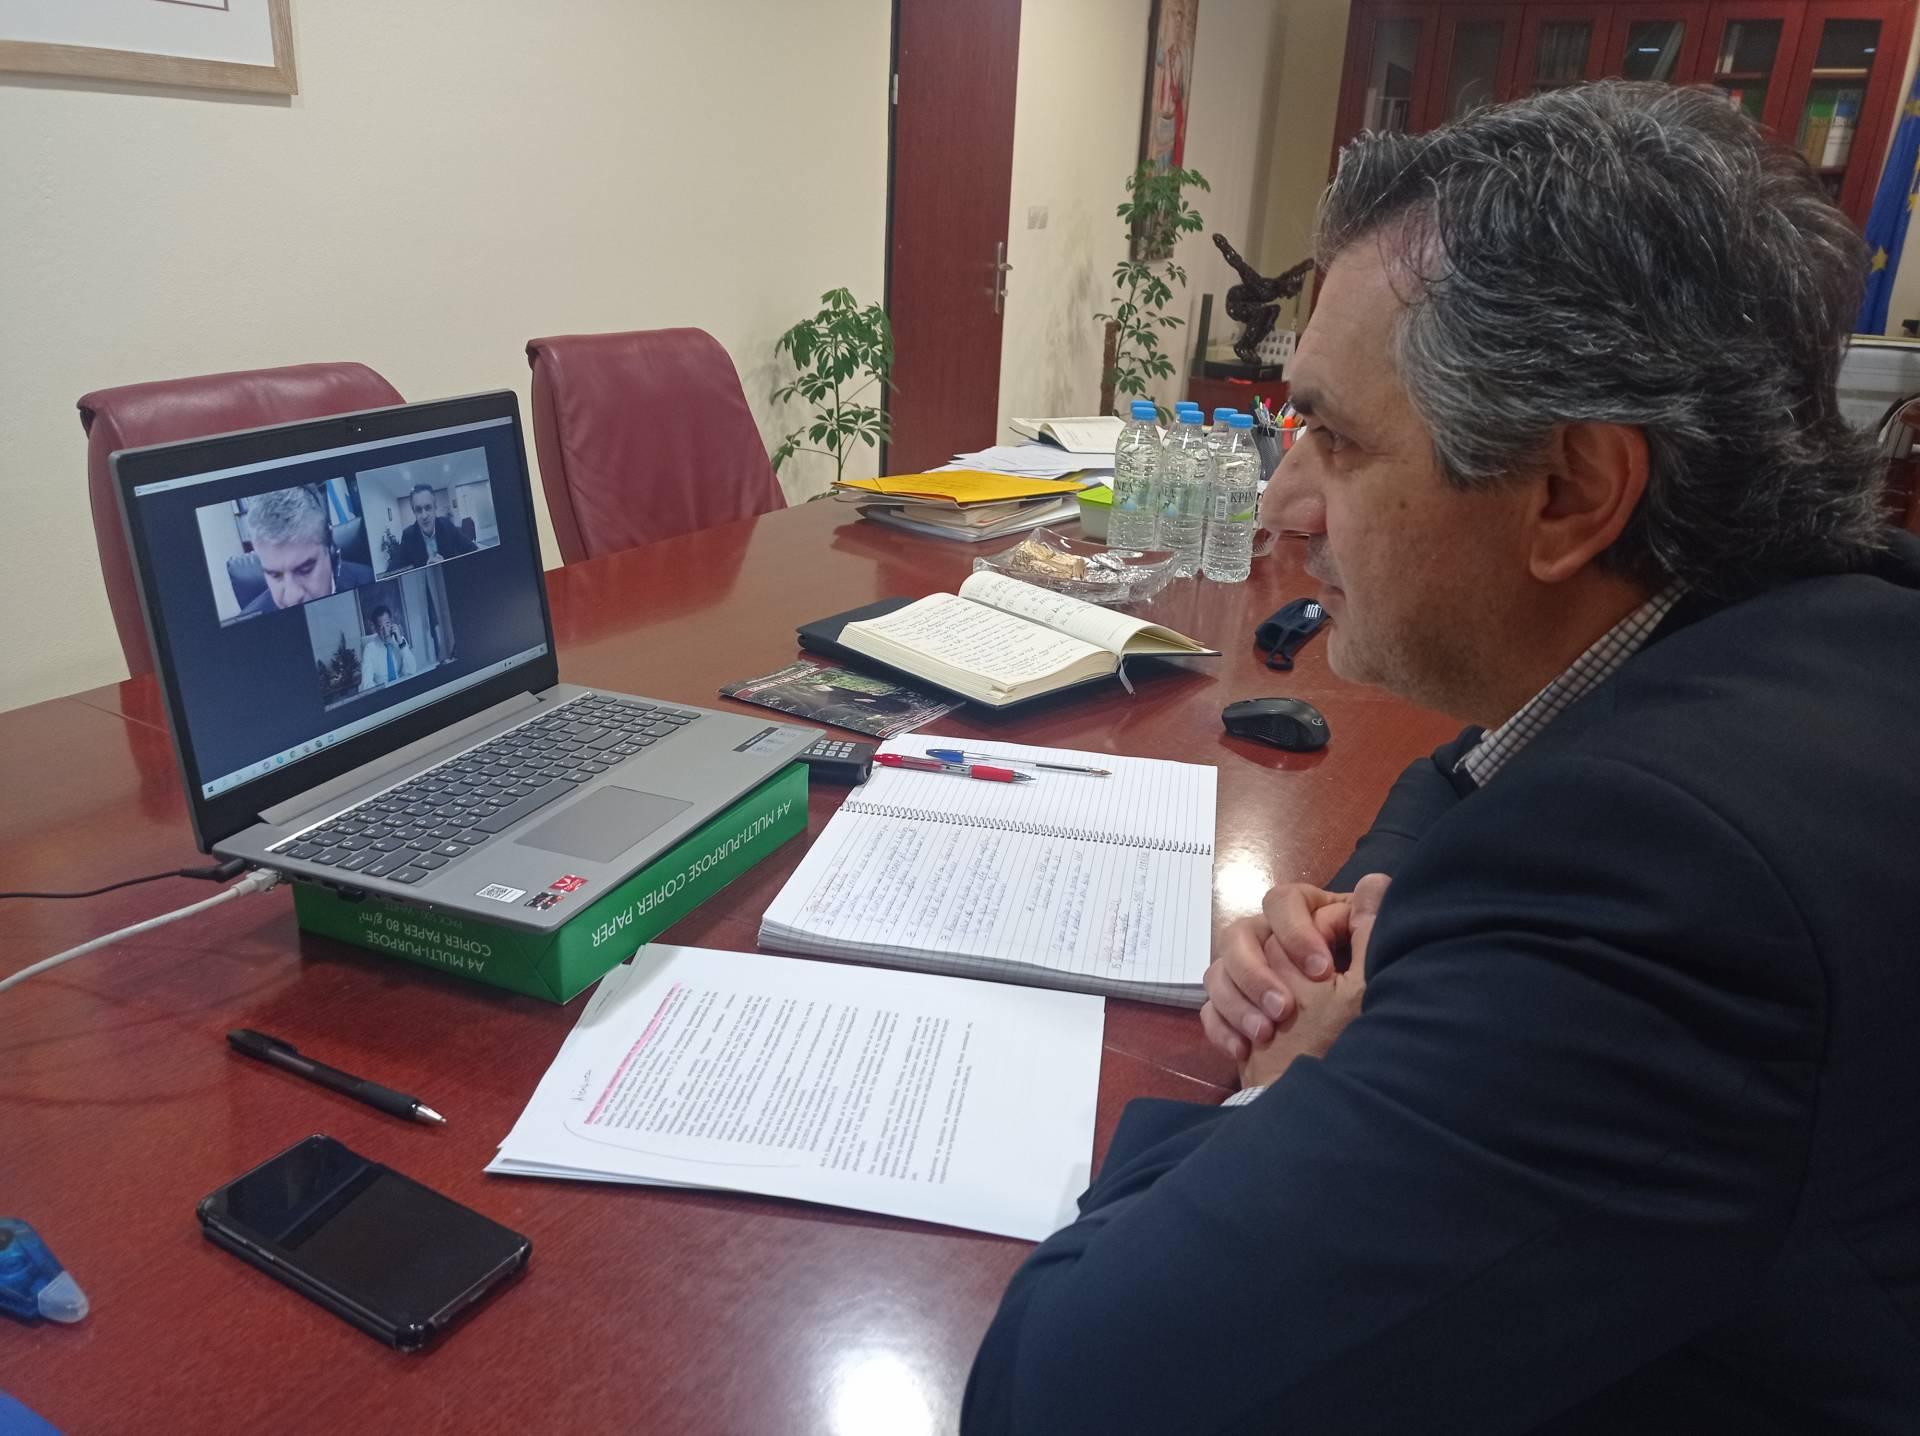 Τηλεδιάσκεψη του Περιφερειάρχη Δυτ. Μακεδονίας κ.Κασαπίδη με τον Υπουργό Ανάπτυξης και Επενδύσεων